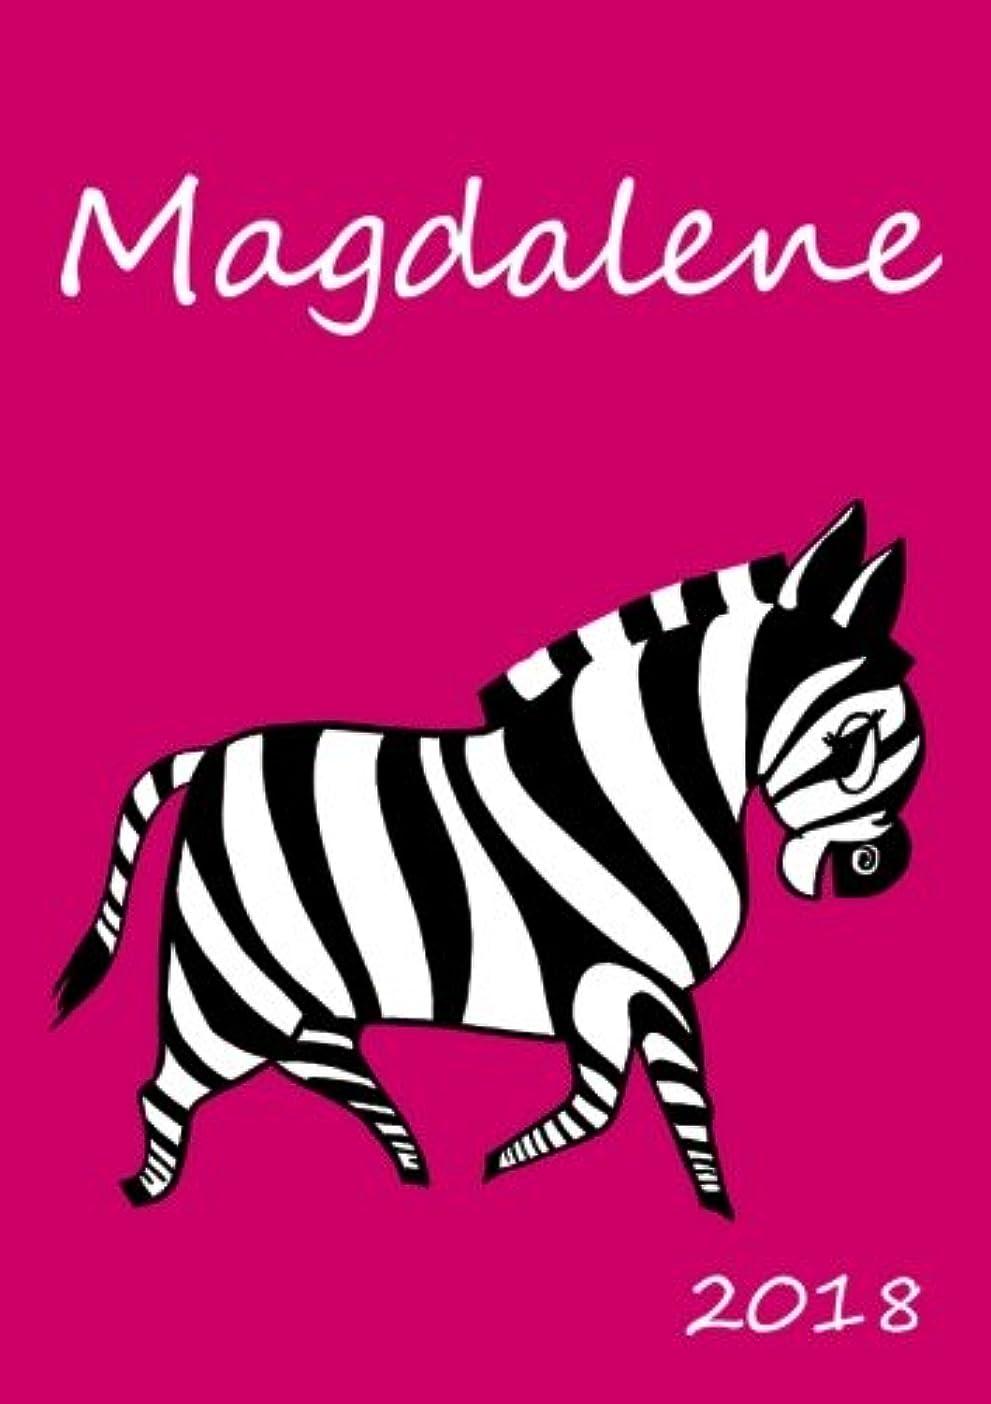 不良傾向があります意気消沈した2018: personalisierter Kalender 2018 - Magdalene - DIN A5 - eine Woche pro Doppelseite